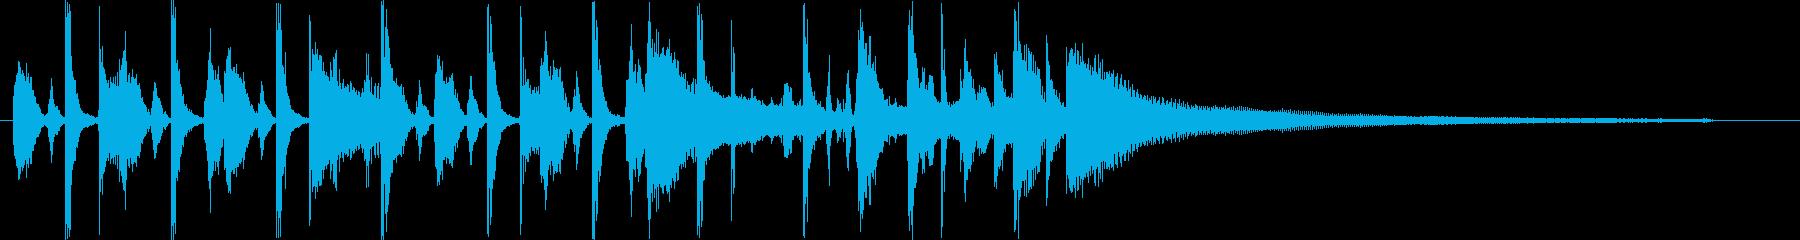 ほのぼのハッピーなアコースティックロゴ♪の再生済みの波形